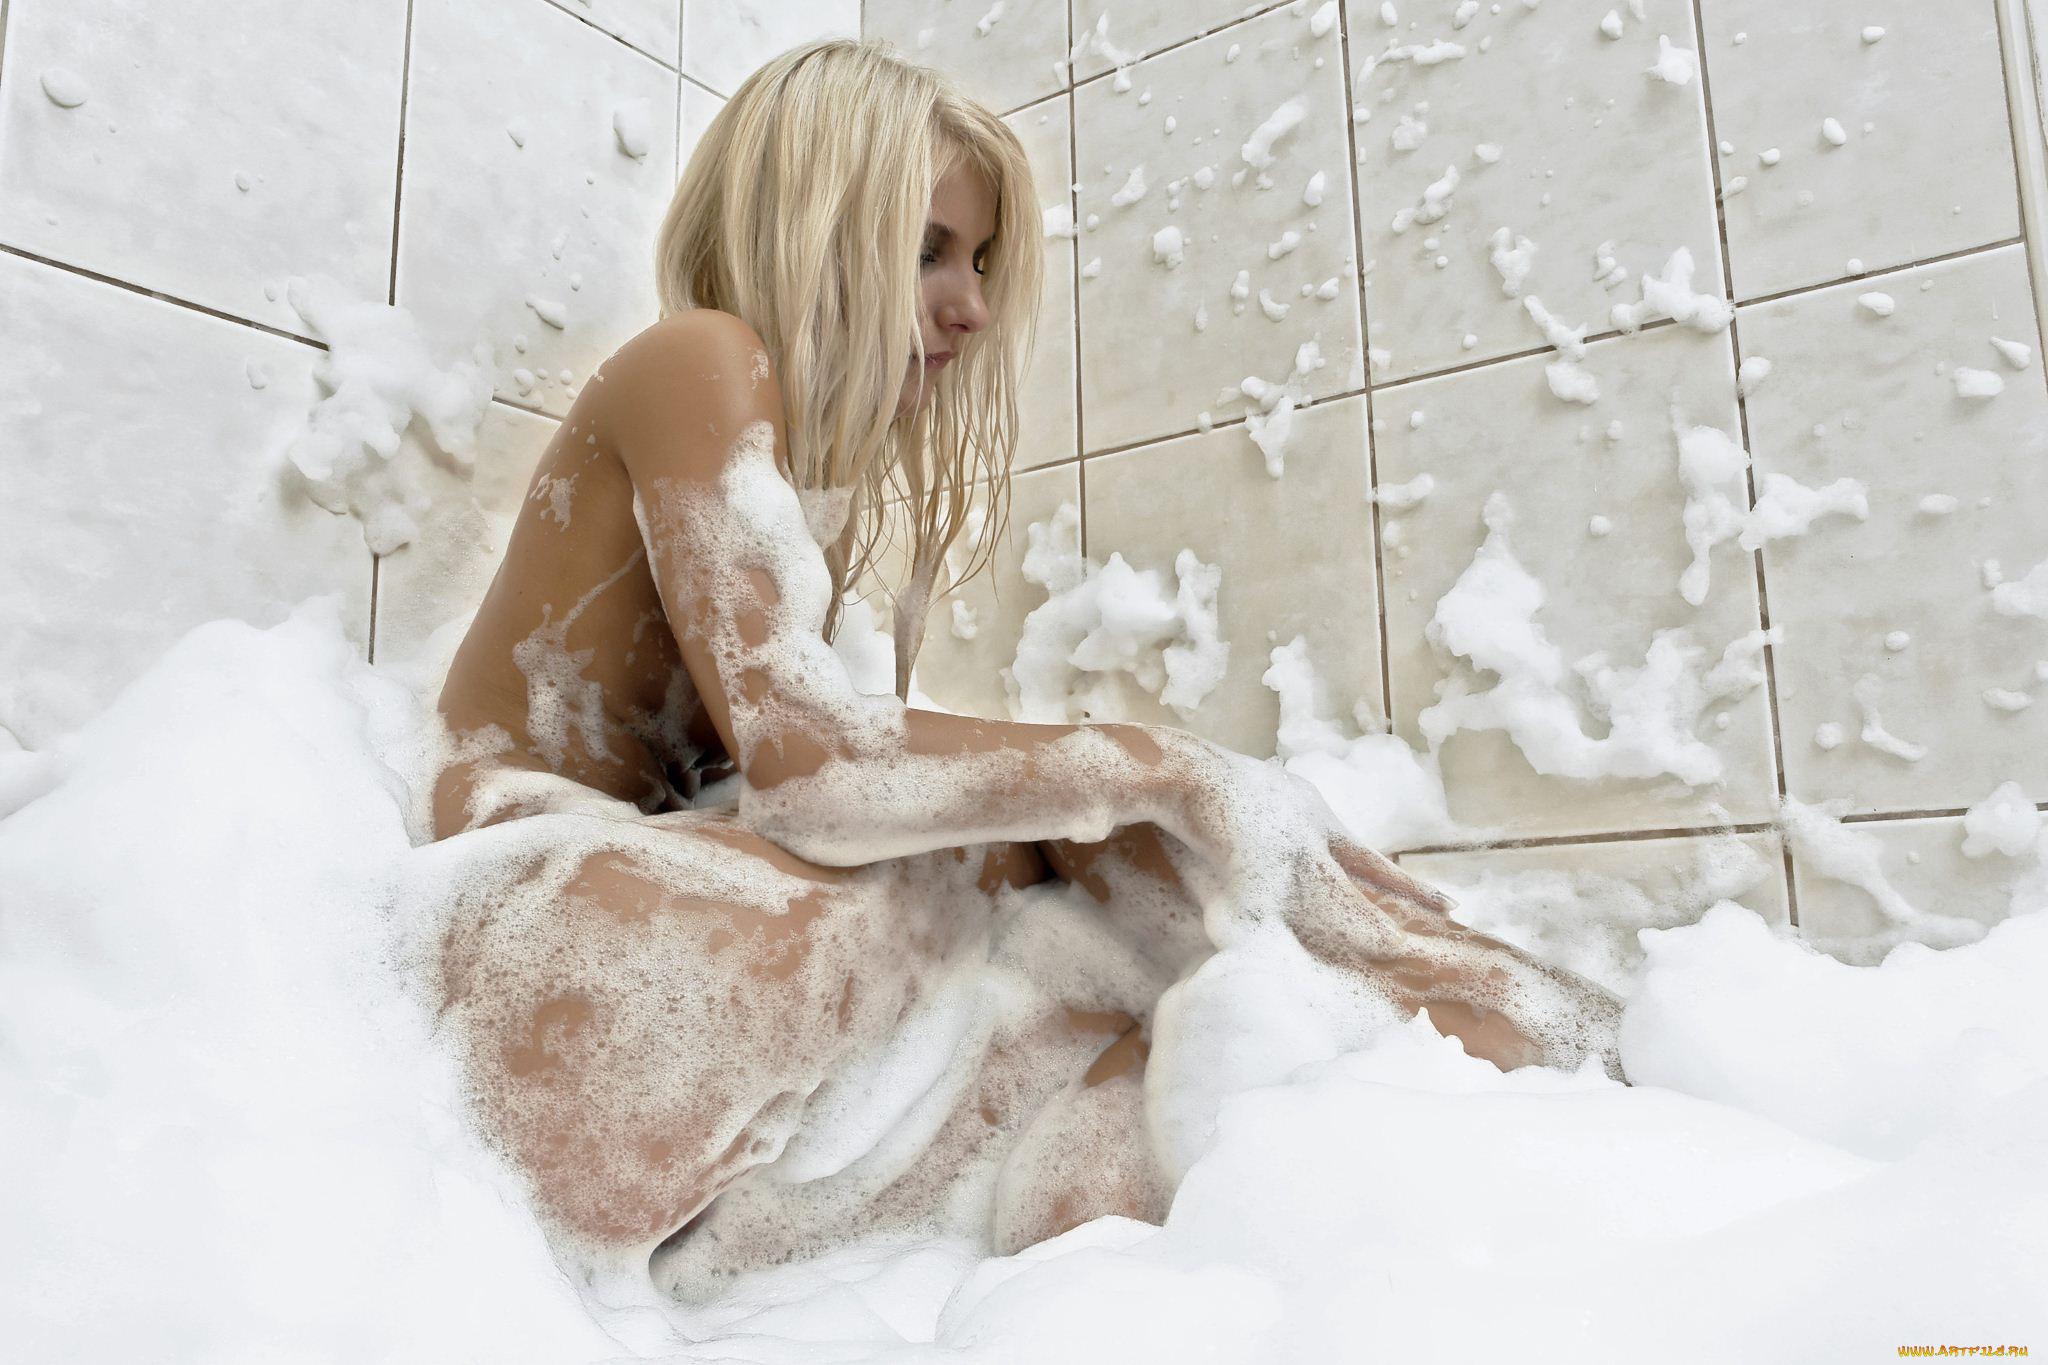 частная фотосессия в ванной блондинка улыбка рассказывали